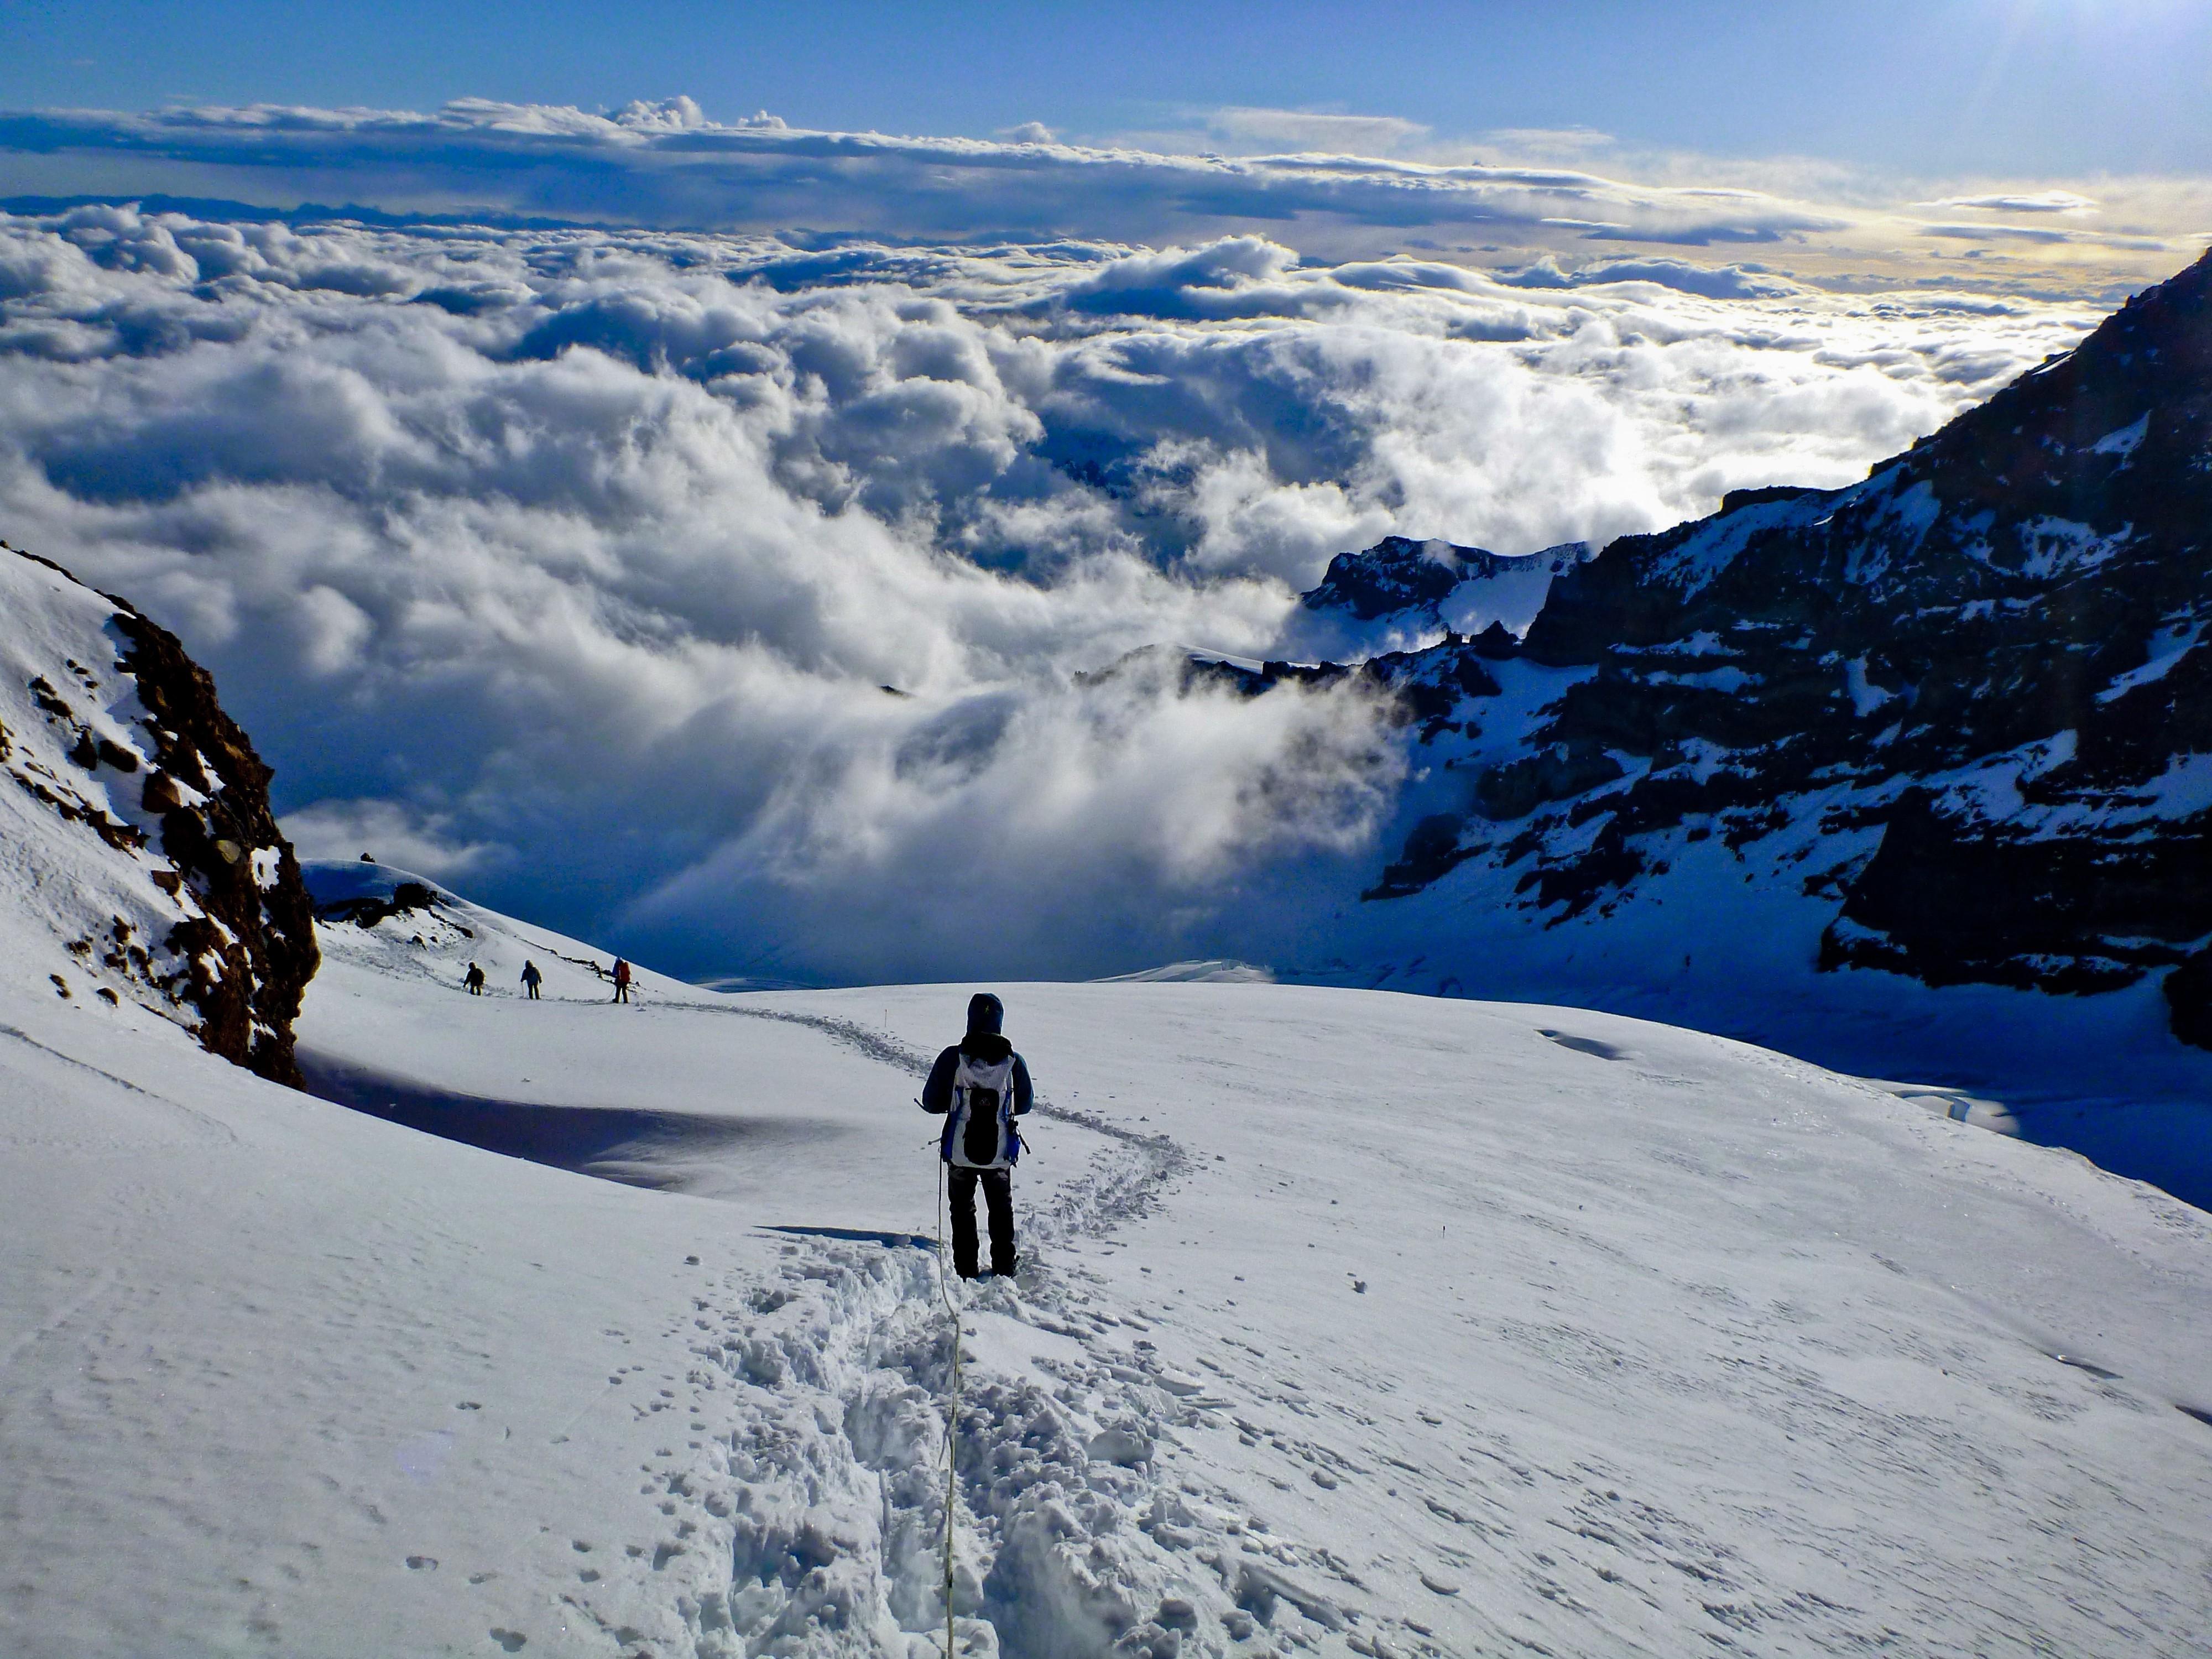 как фотографировать горы зимой выбрала